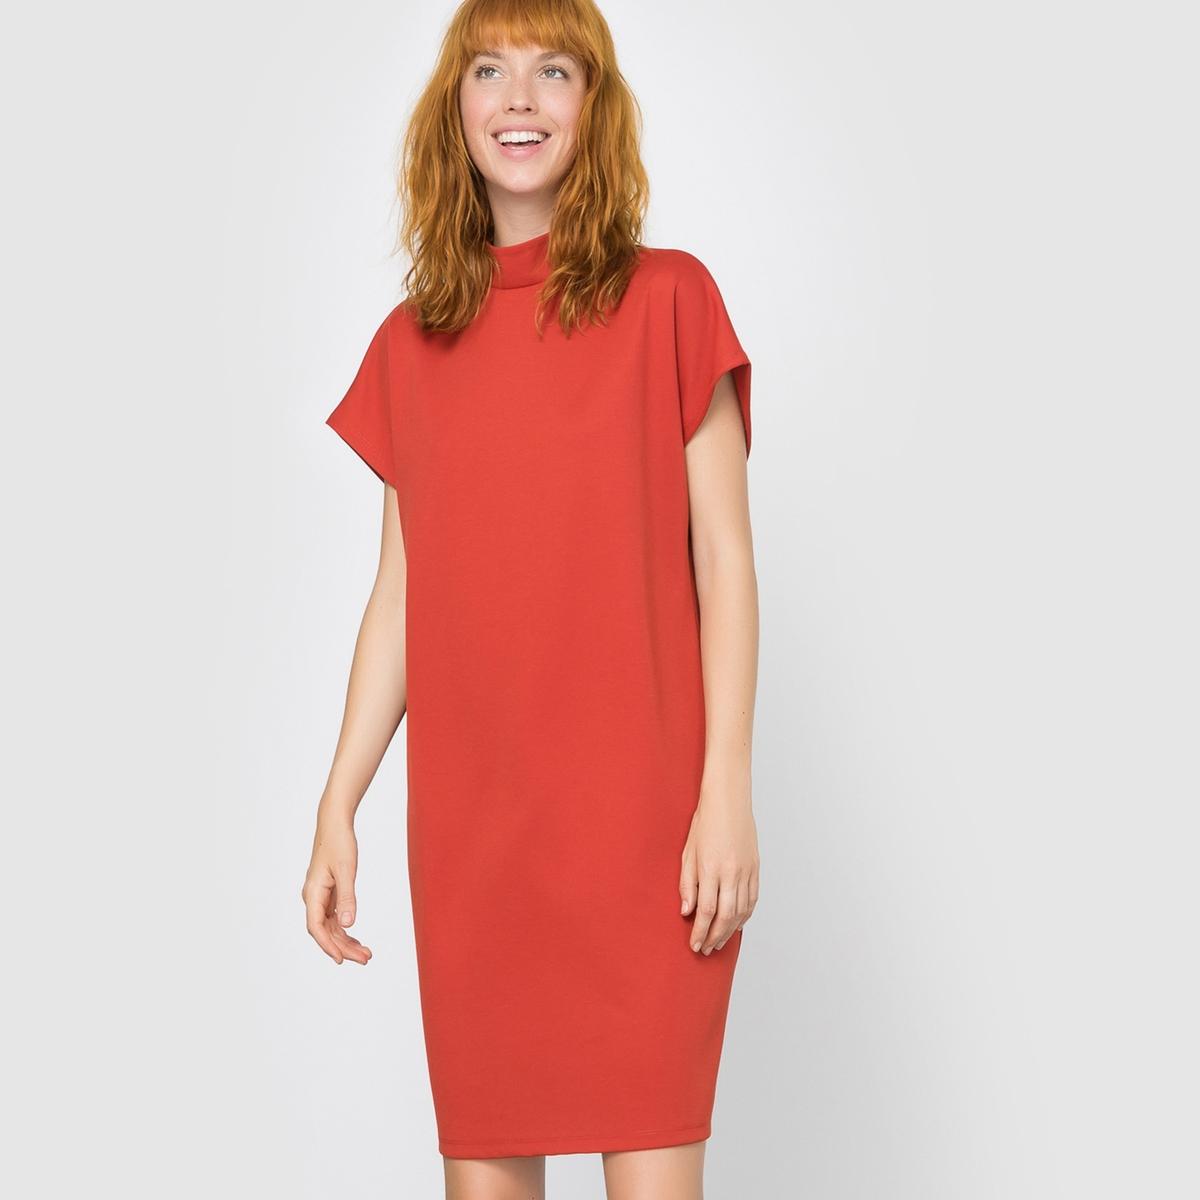 Платье прямого покрояСостав и описание:     Материал        95% полиэстера, 5% эластана     Марка        VILA          Уход     Соблюдайте рекомендации по уходу, указанные на этикетке<br><br>Цвет: красный<br>Размер: XS.S